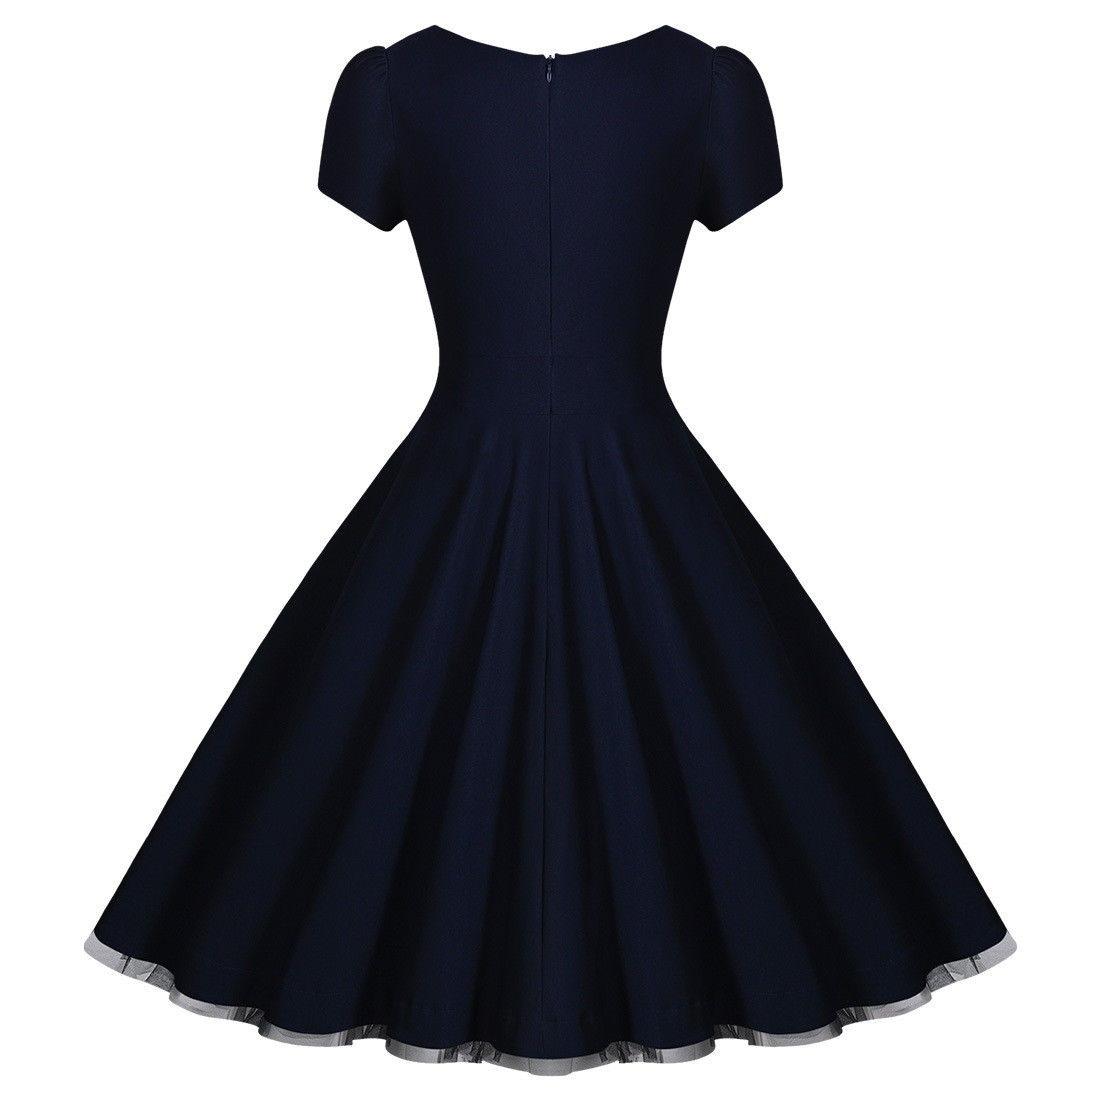 20 Spektakulär Vintage Abendkleid SpezialgebietFormal Schön Vintage Abendkleid Bester Preis